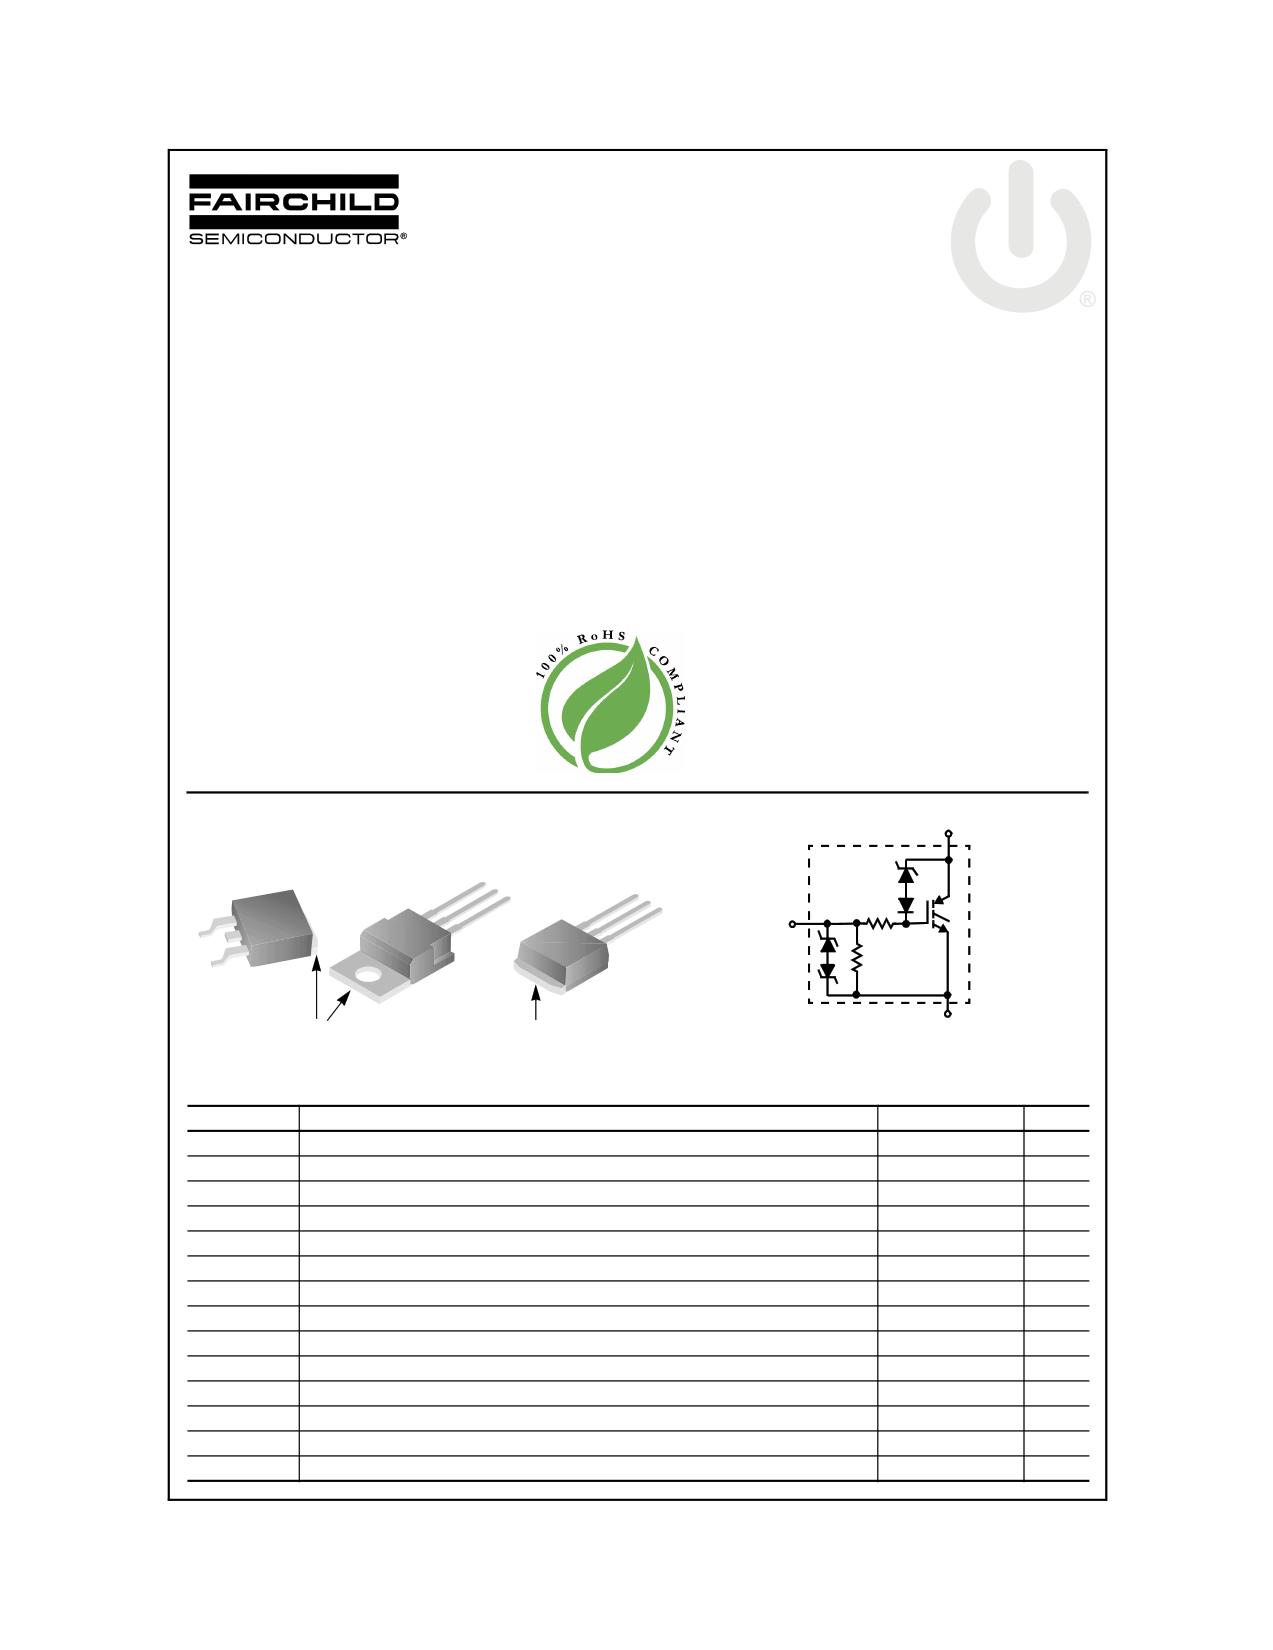 ISL9V5036P3 데이터시트 및 ISL9V5036P3 PDF